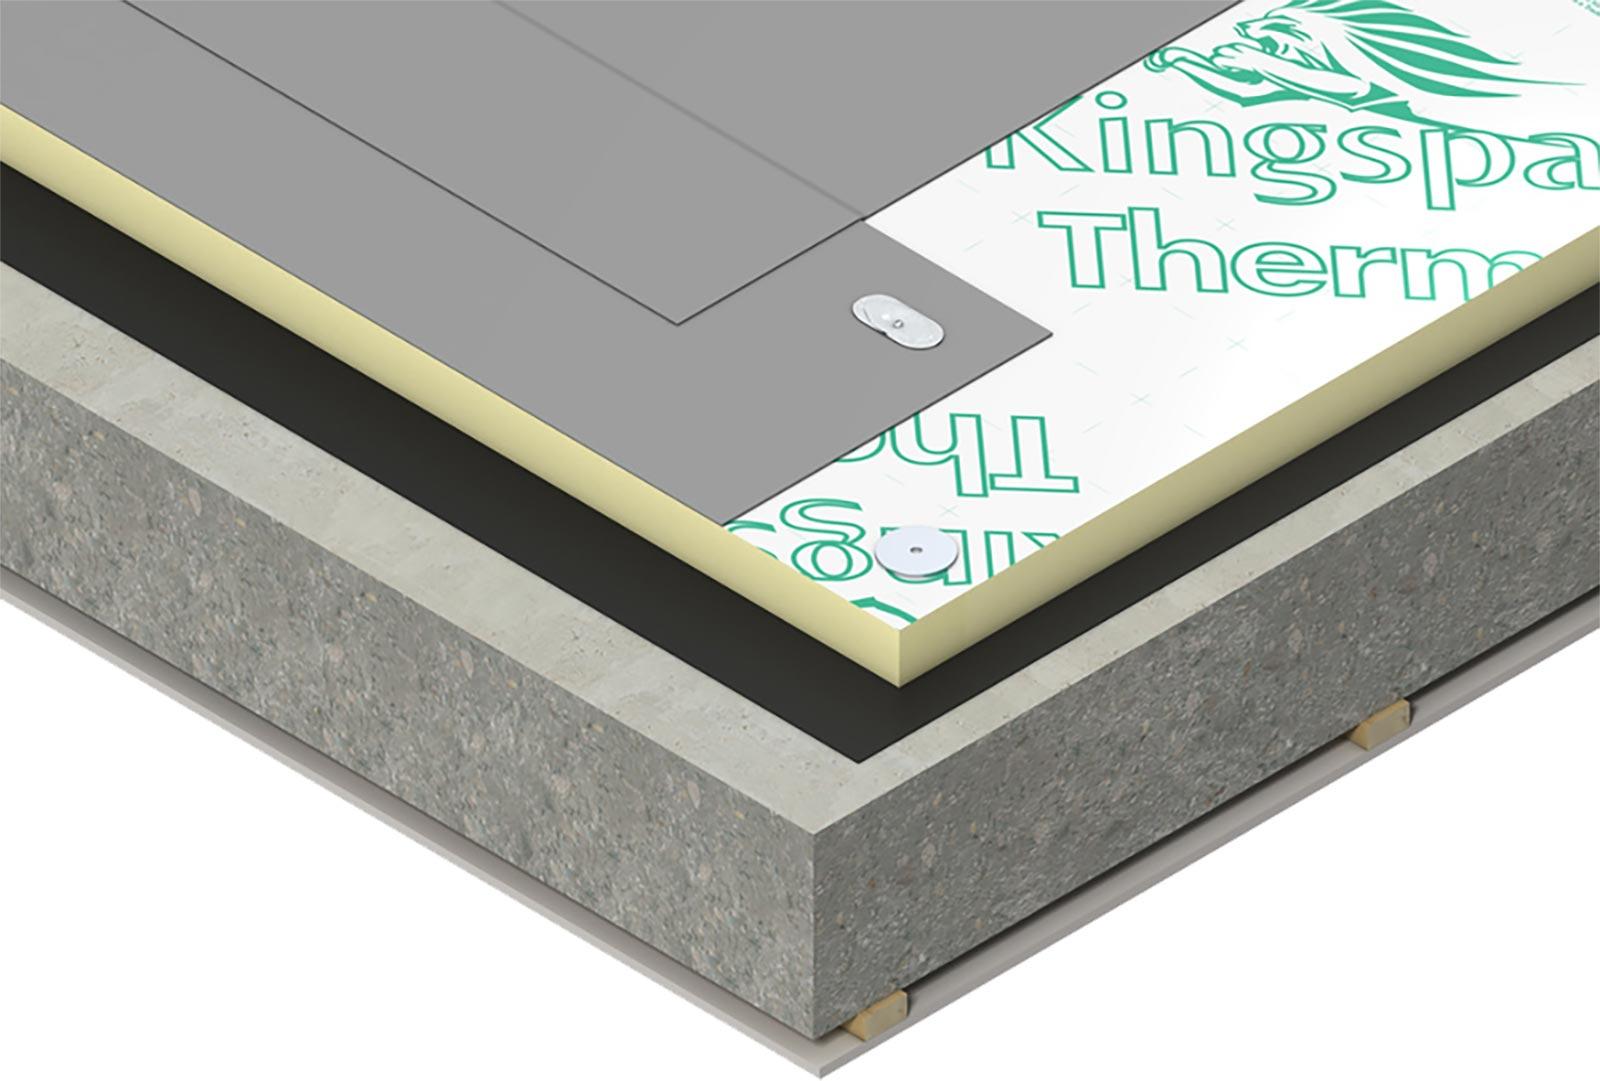 Plat dak isolatie een platdak isoleren dakdekken dakisolatie